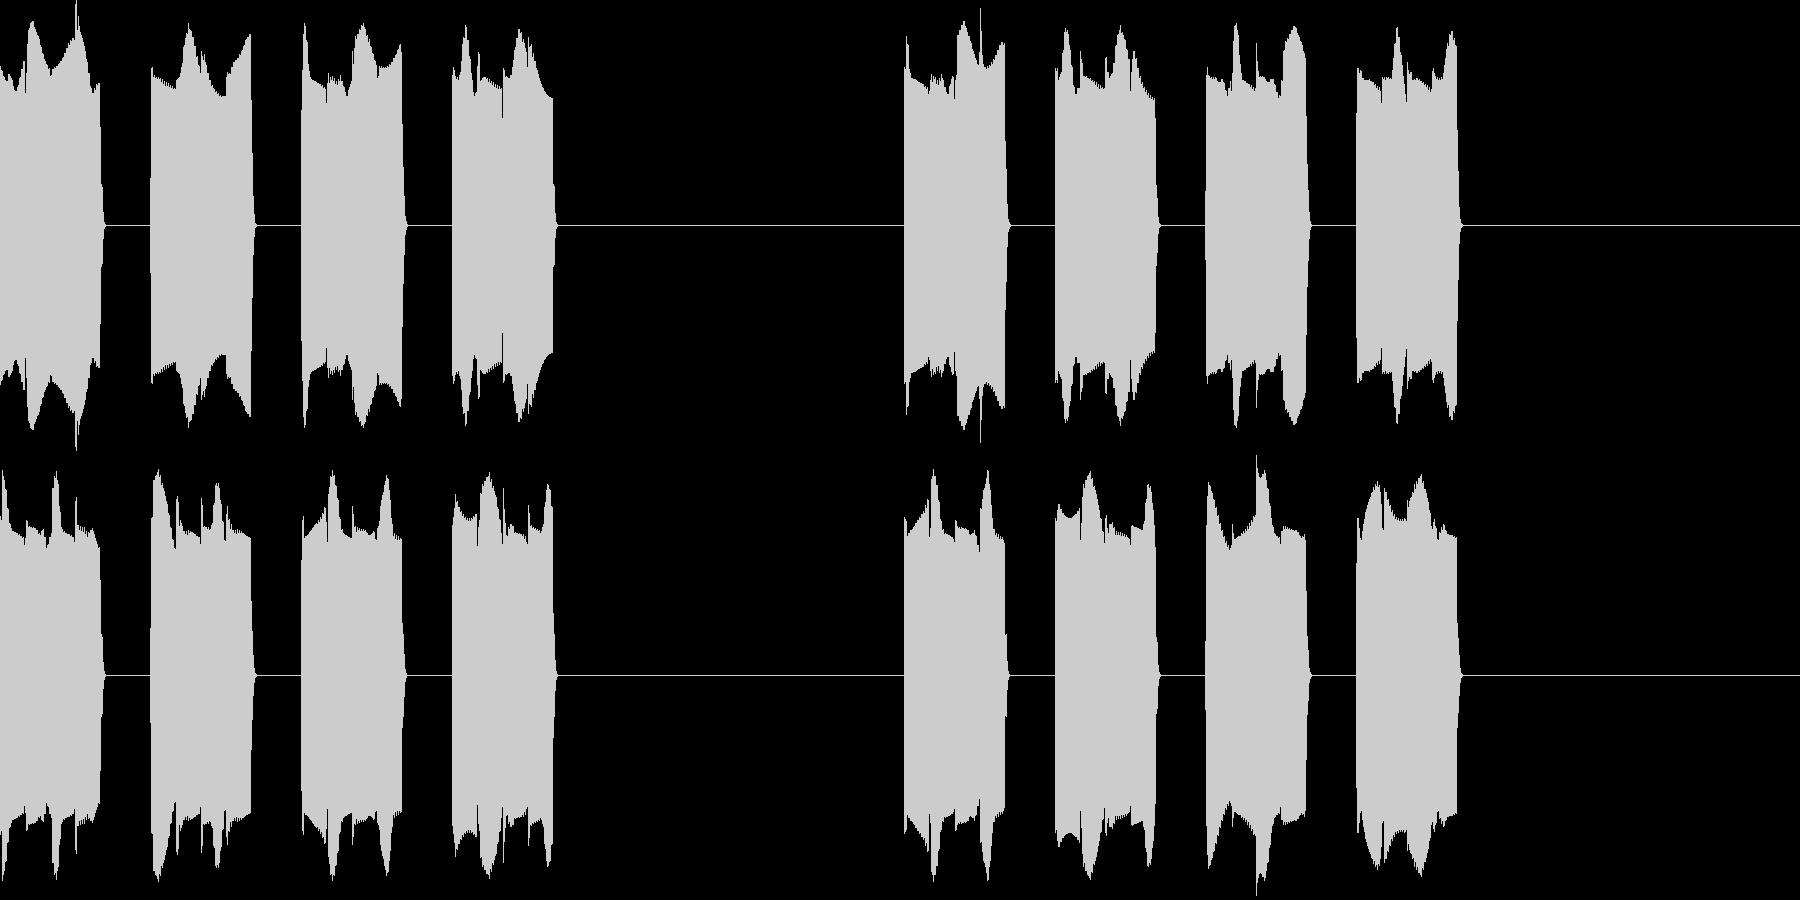 ピピピピッ..。携帯の着信音A(短め)の未再生の波形